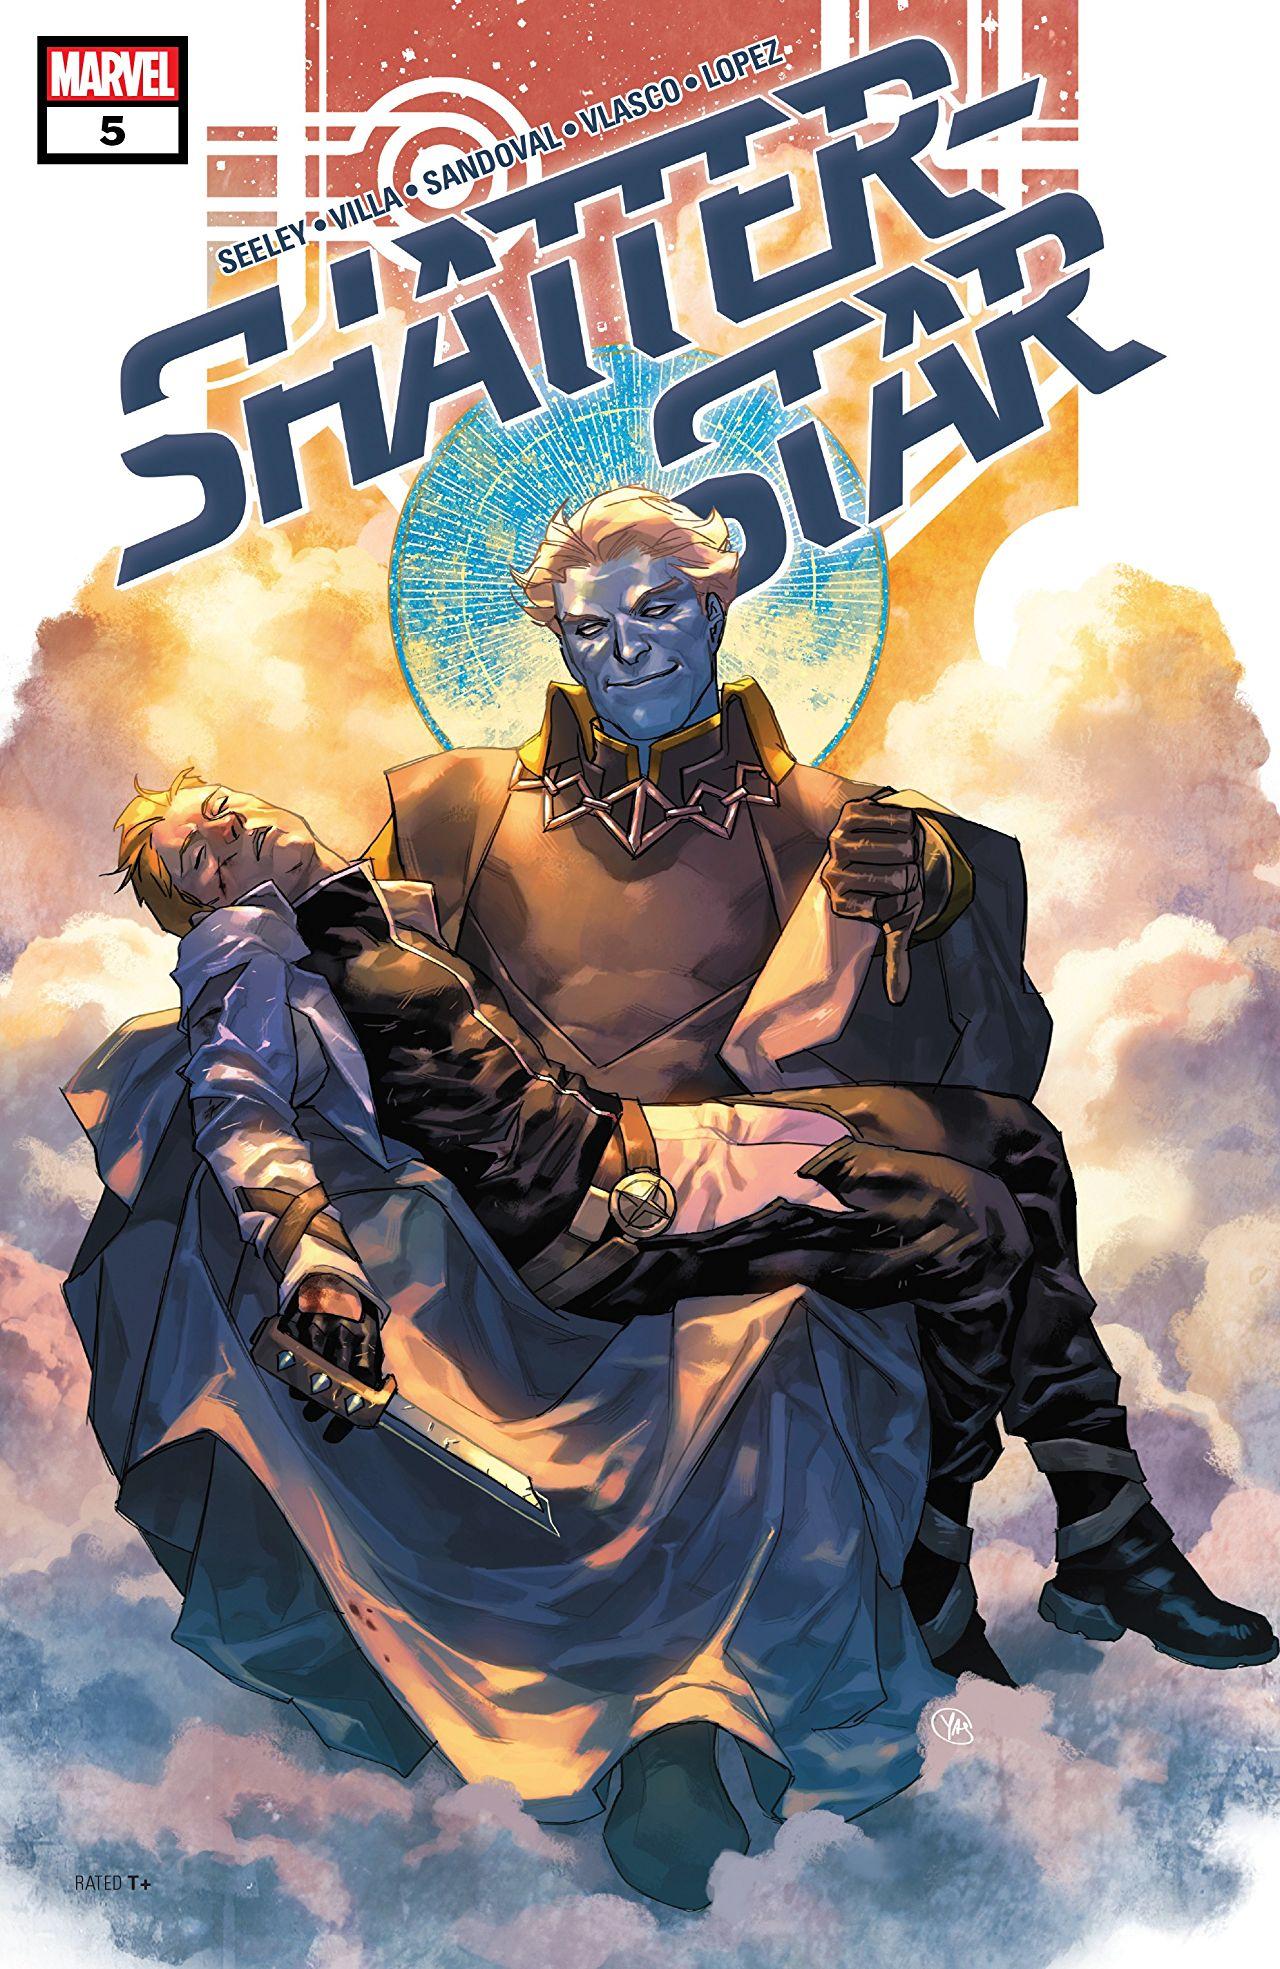 Shatterstar #5 cover